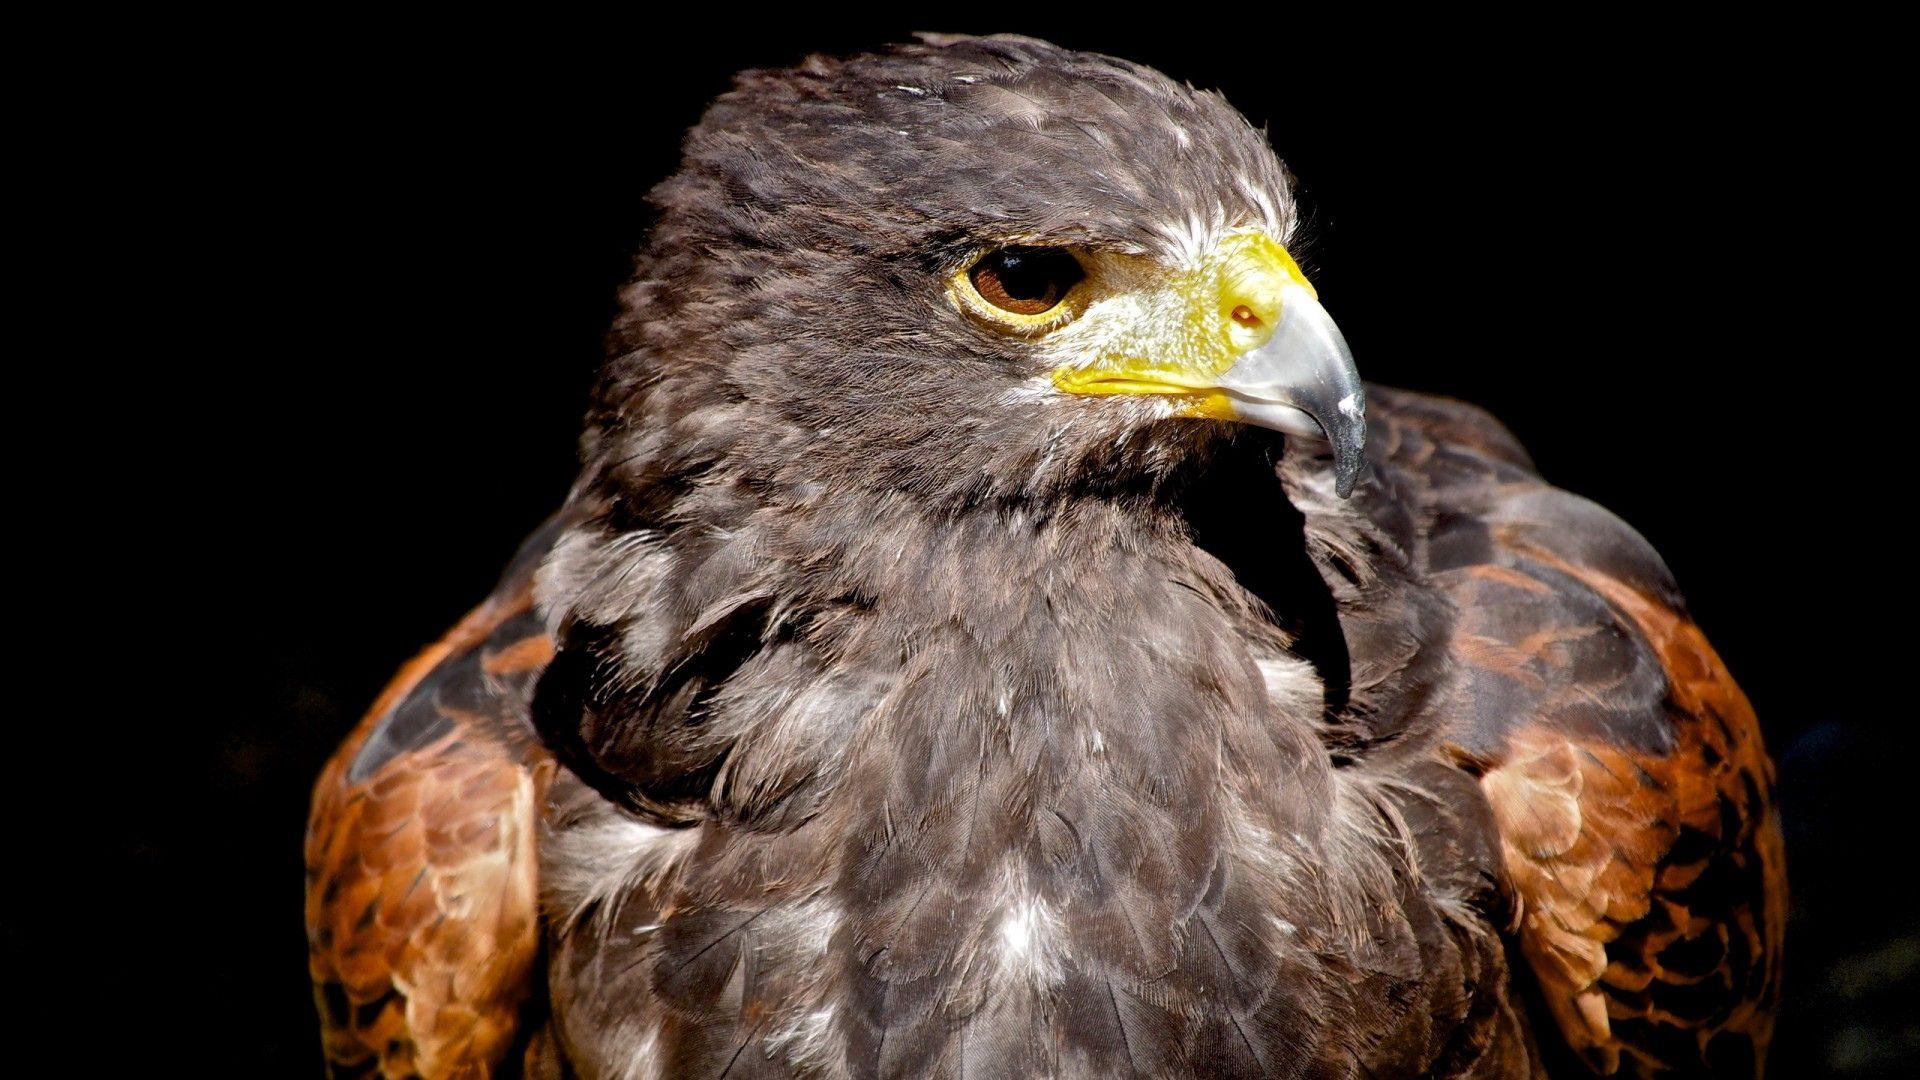 136164 Hintergrundbild herunterladen Tiere, Vogel, Schnabel, Raubtier, Predator, Adler - Bildschirmschoner und Bilder kostenlos